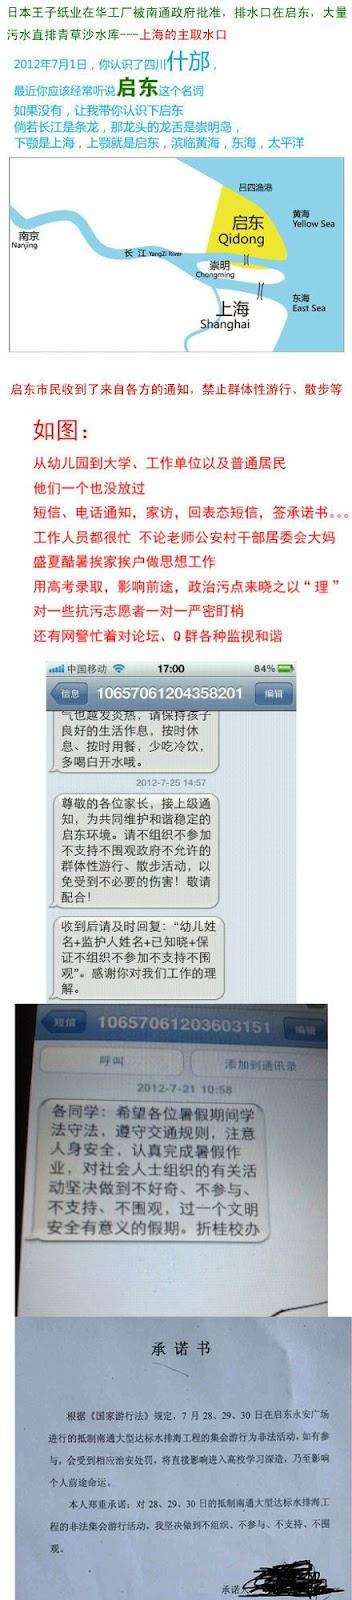 中国、王子製紙の工場排水計画「海産物に害」の噂からデモが起き暴徒化 日本への反発の声も